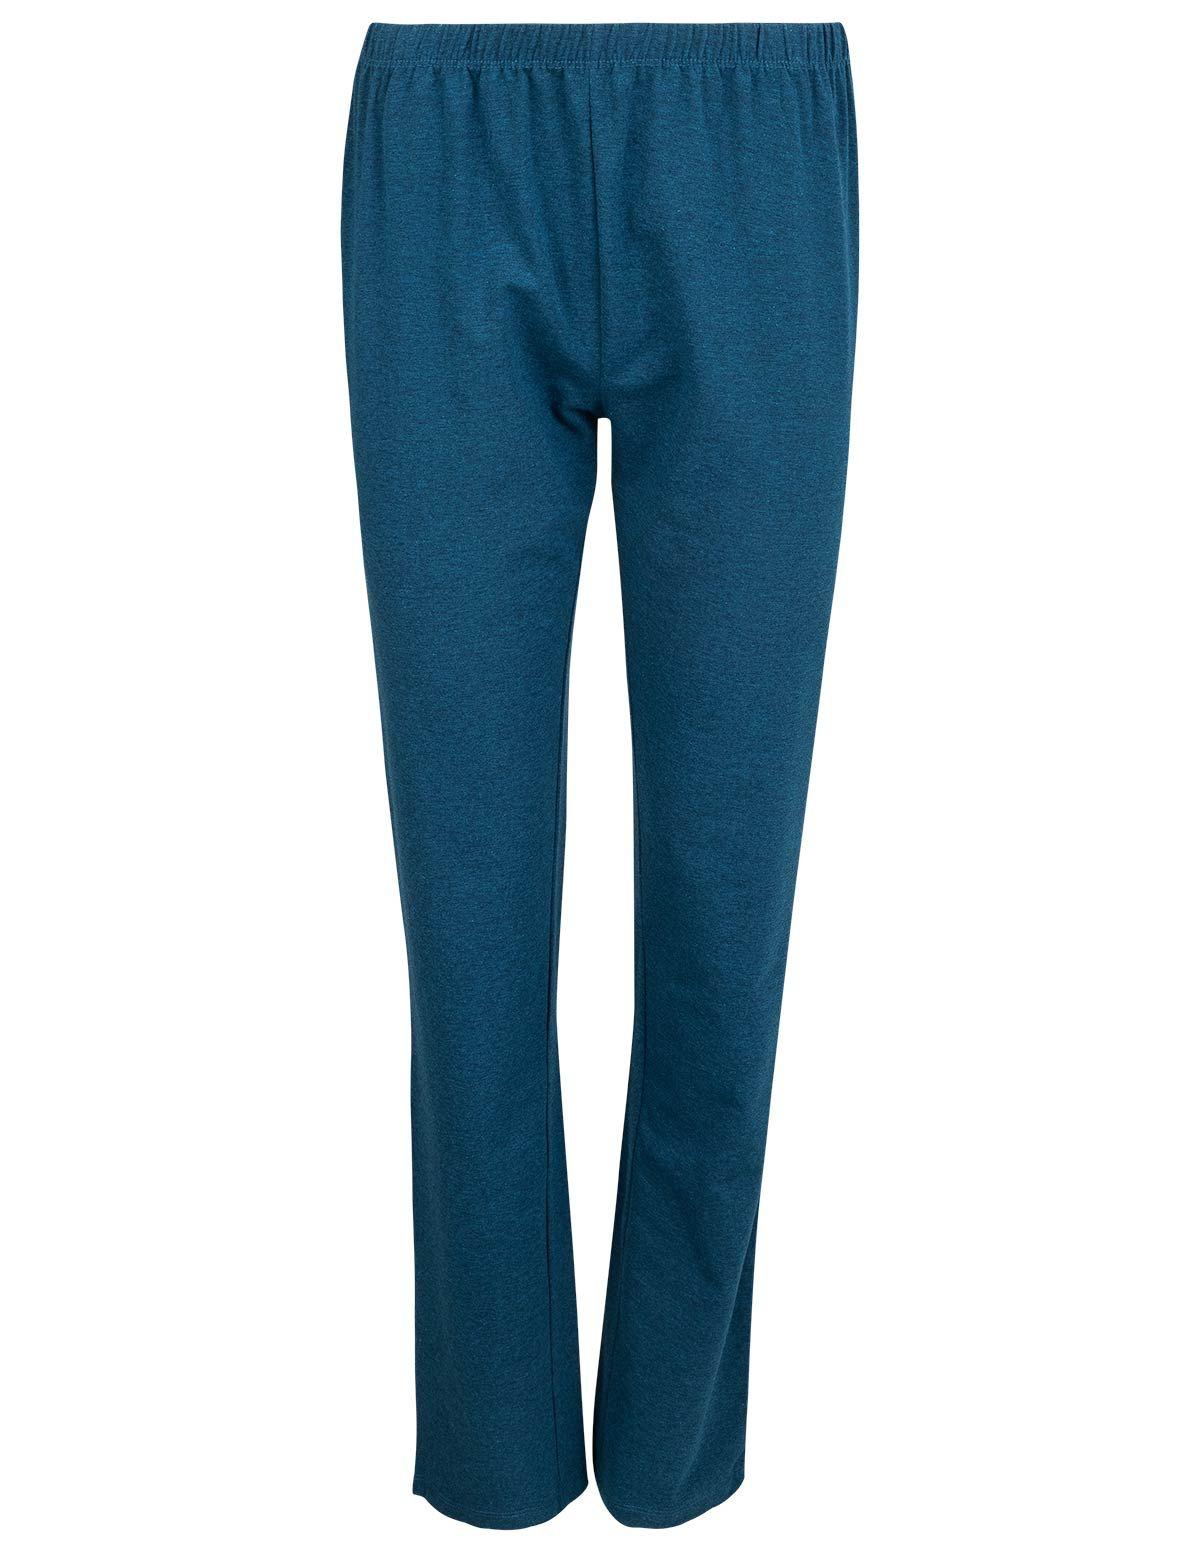 CLARINA Hose Homewear - Legion Blue